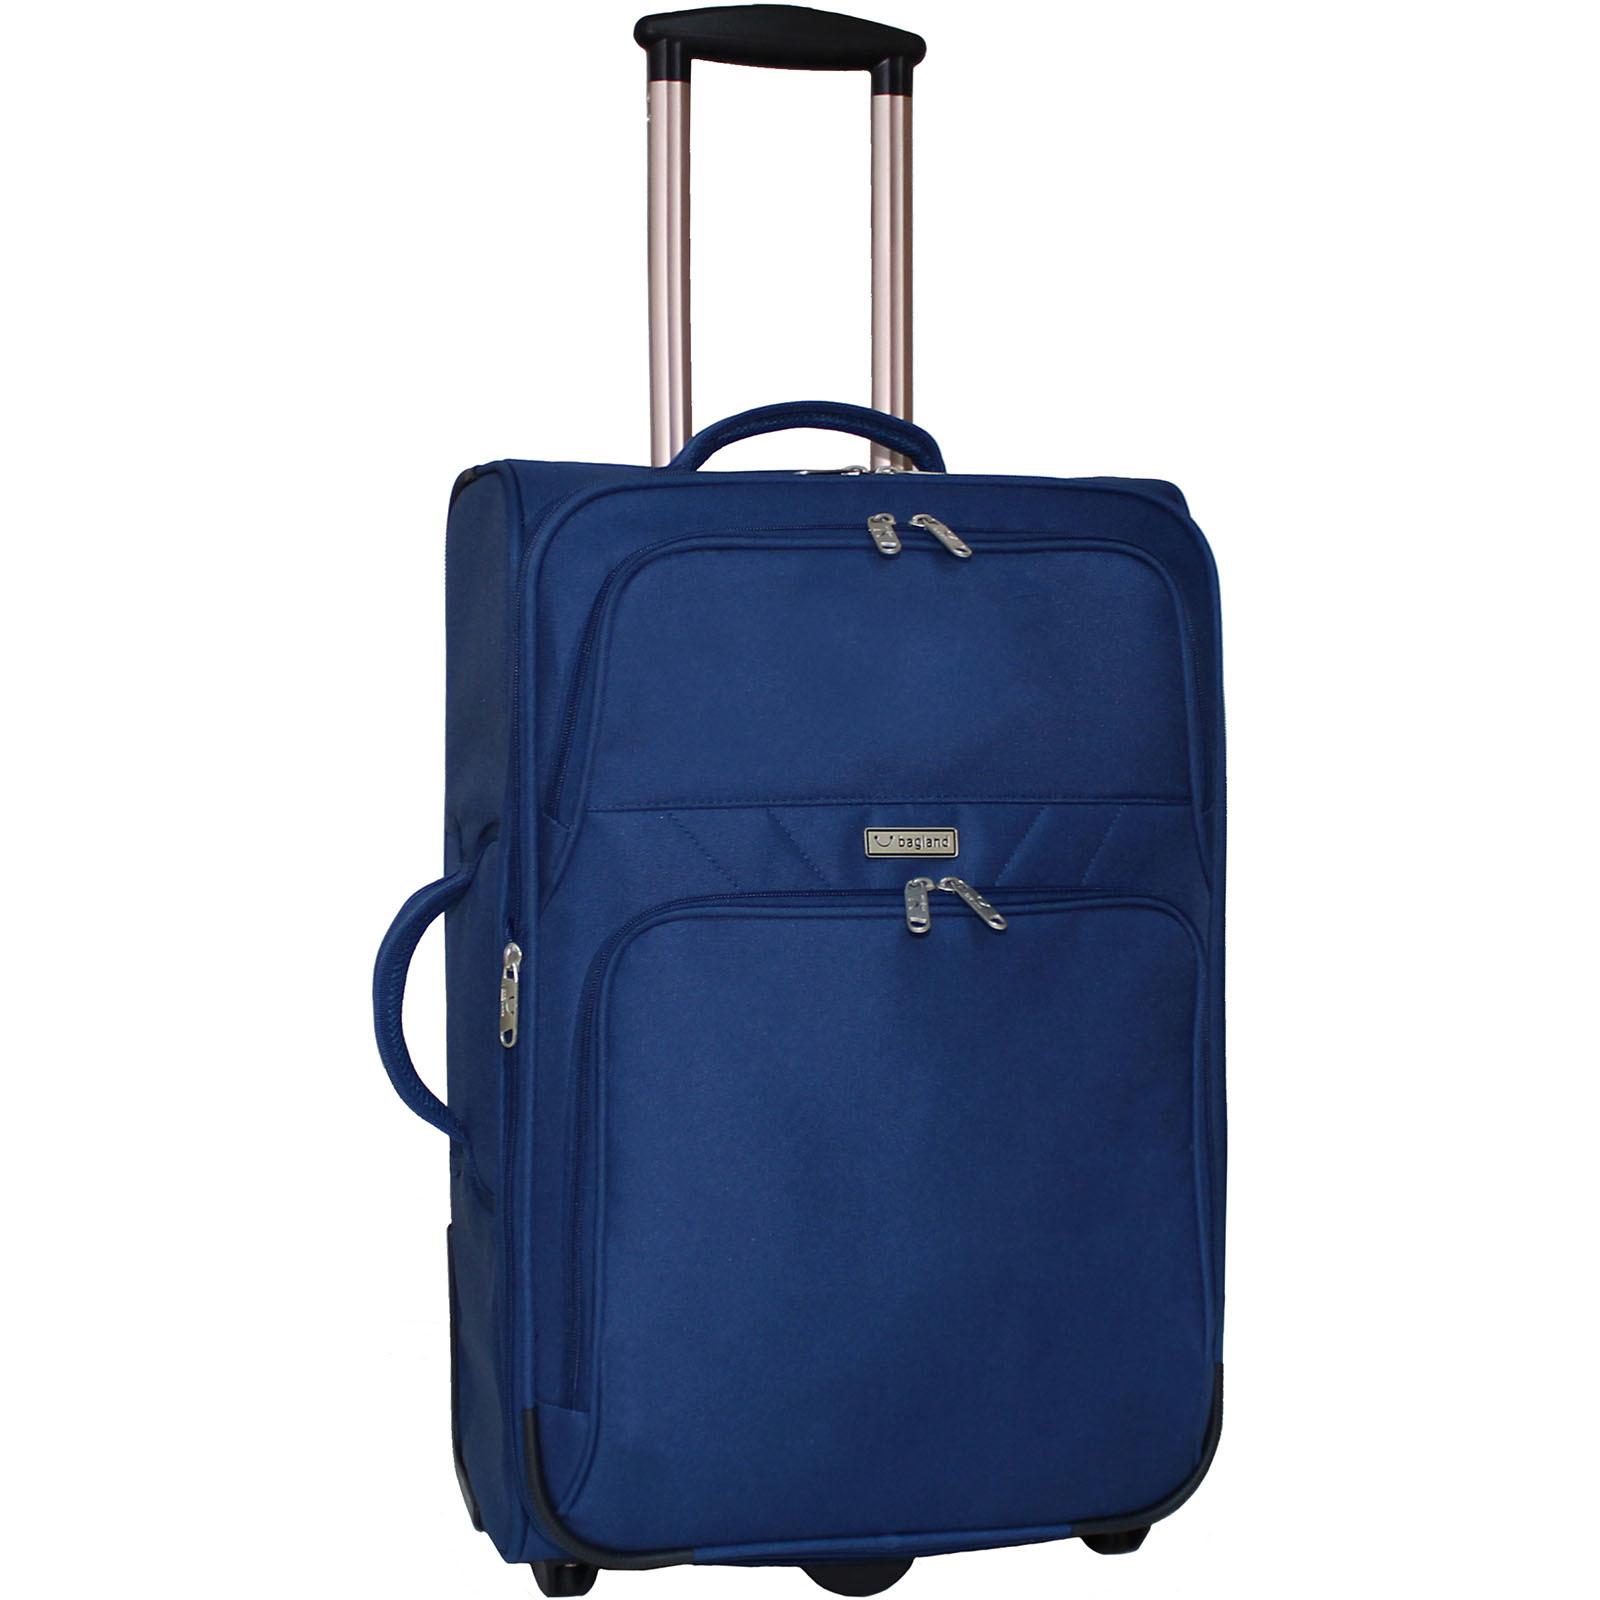 Дорожные чемоданы Чемодан Bagland Леон средний 51 л. Синий (003766624) IMG_3084.JPG